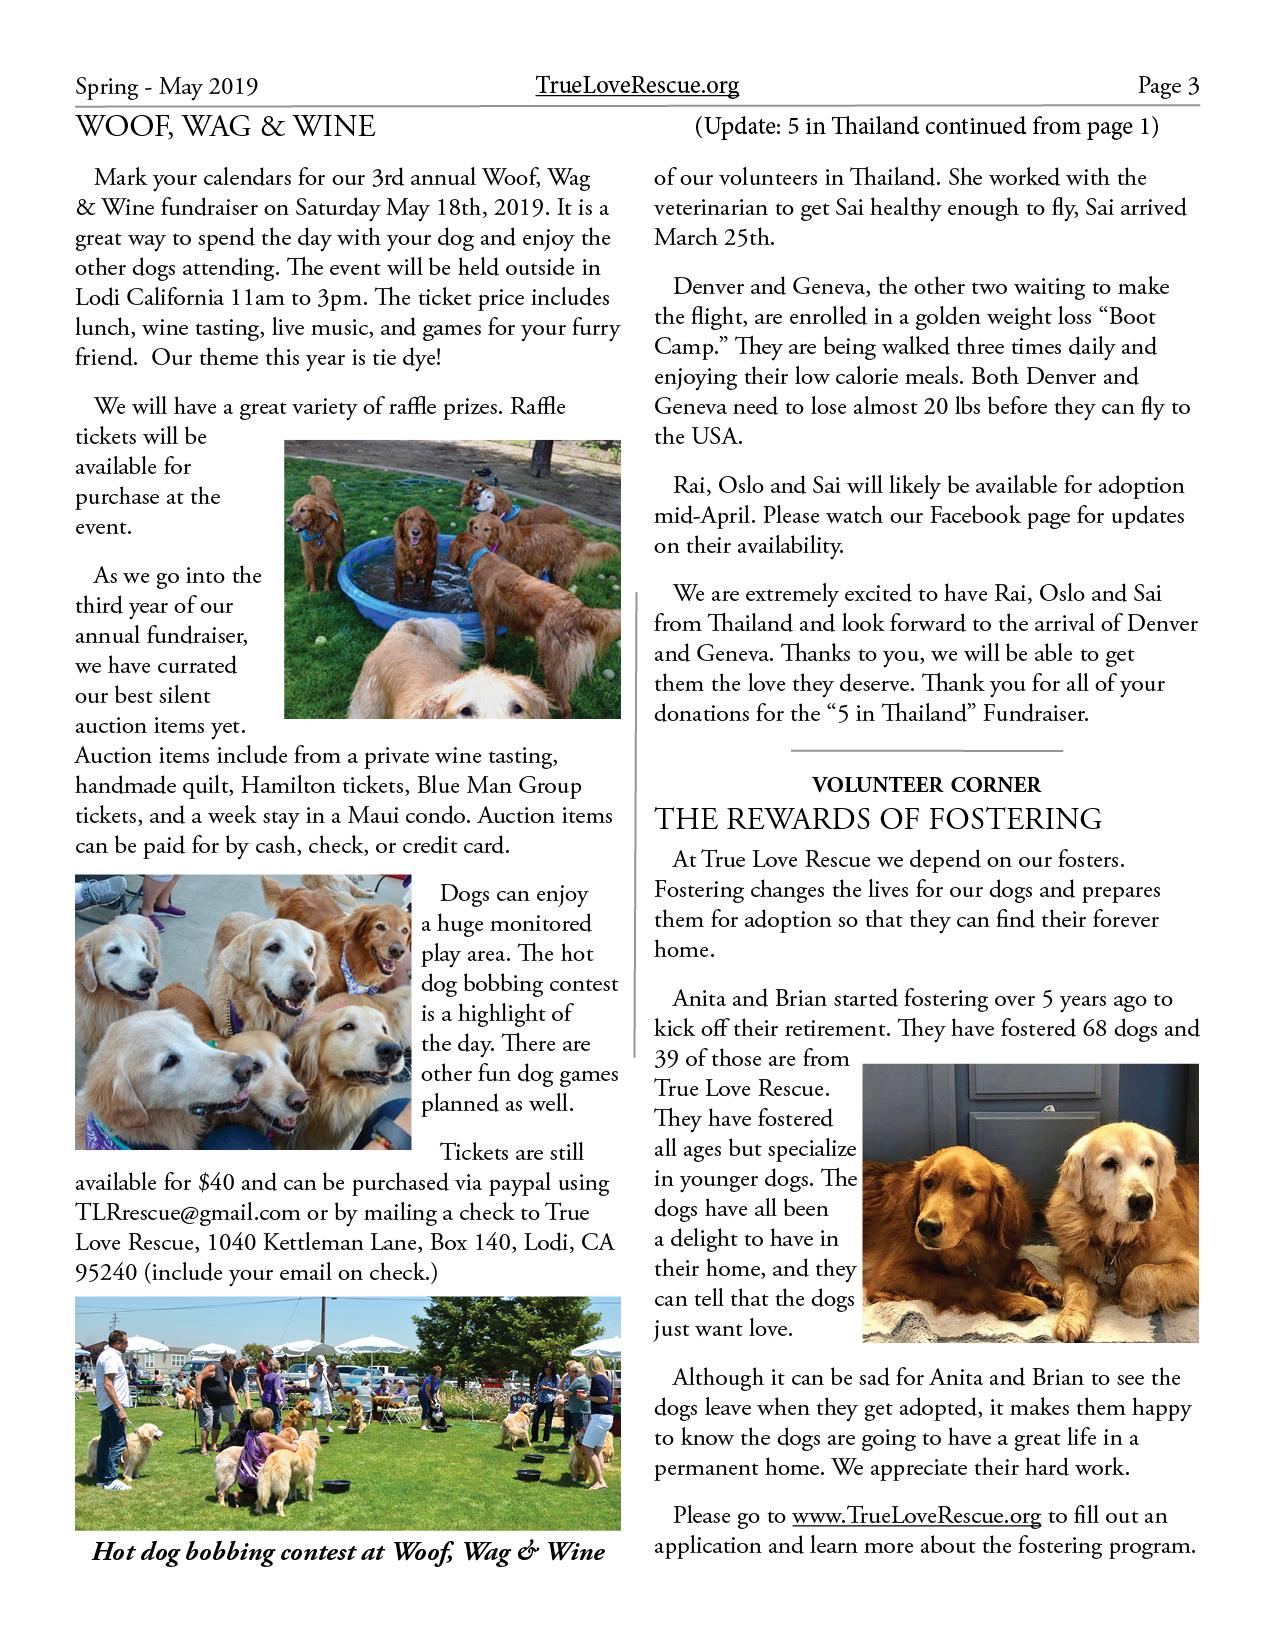 TLR Newsletter Spring 20193.png